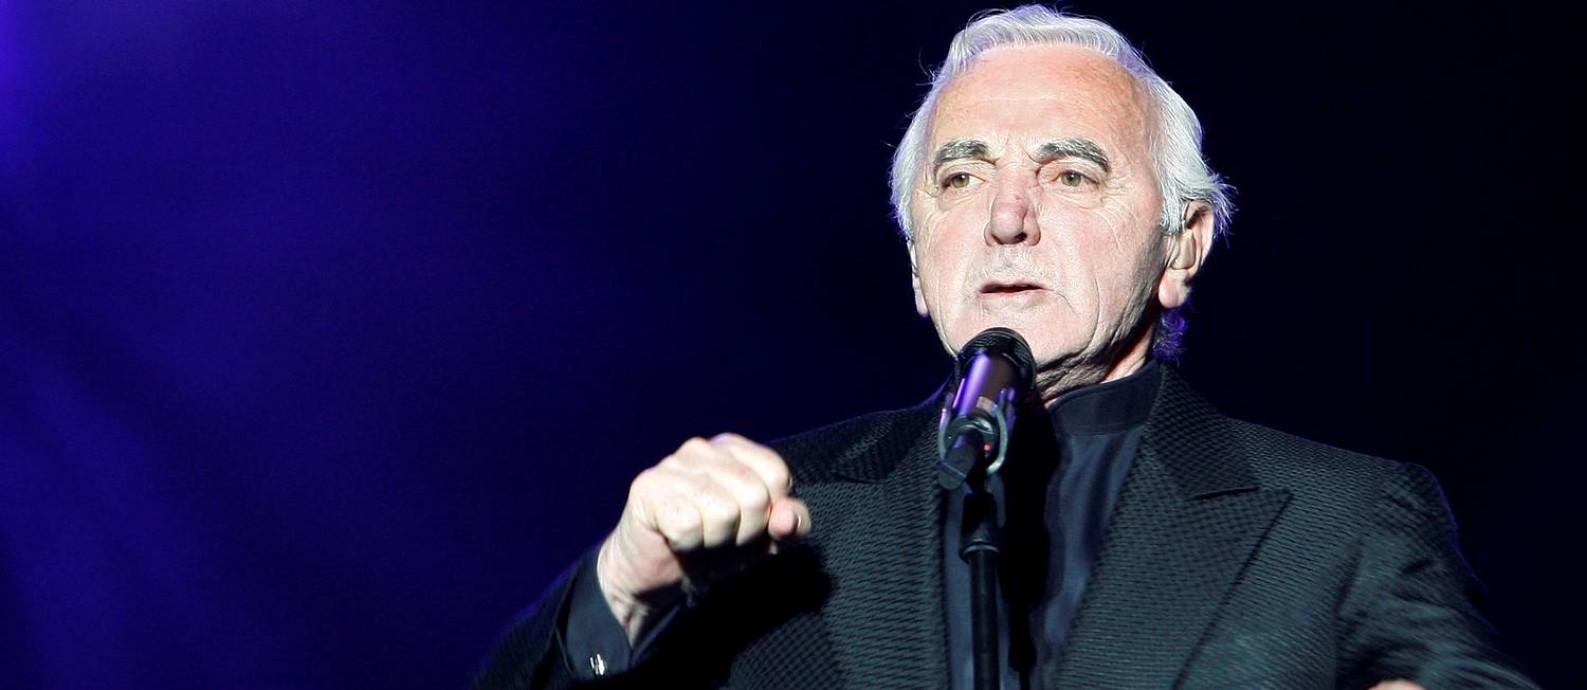 Charles Aznavour, em 2008 Foto: Mathieu Belanger / REUTERS